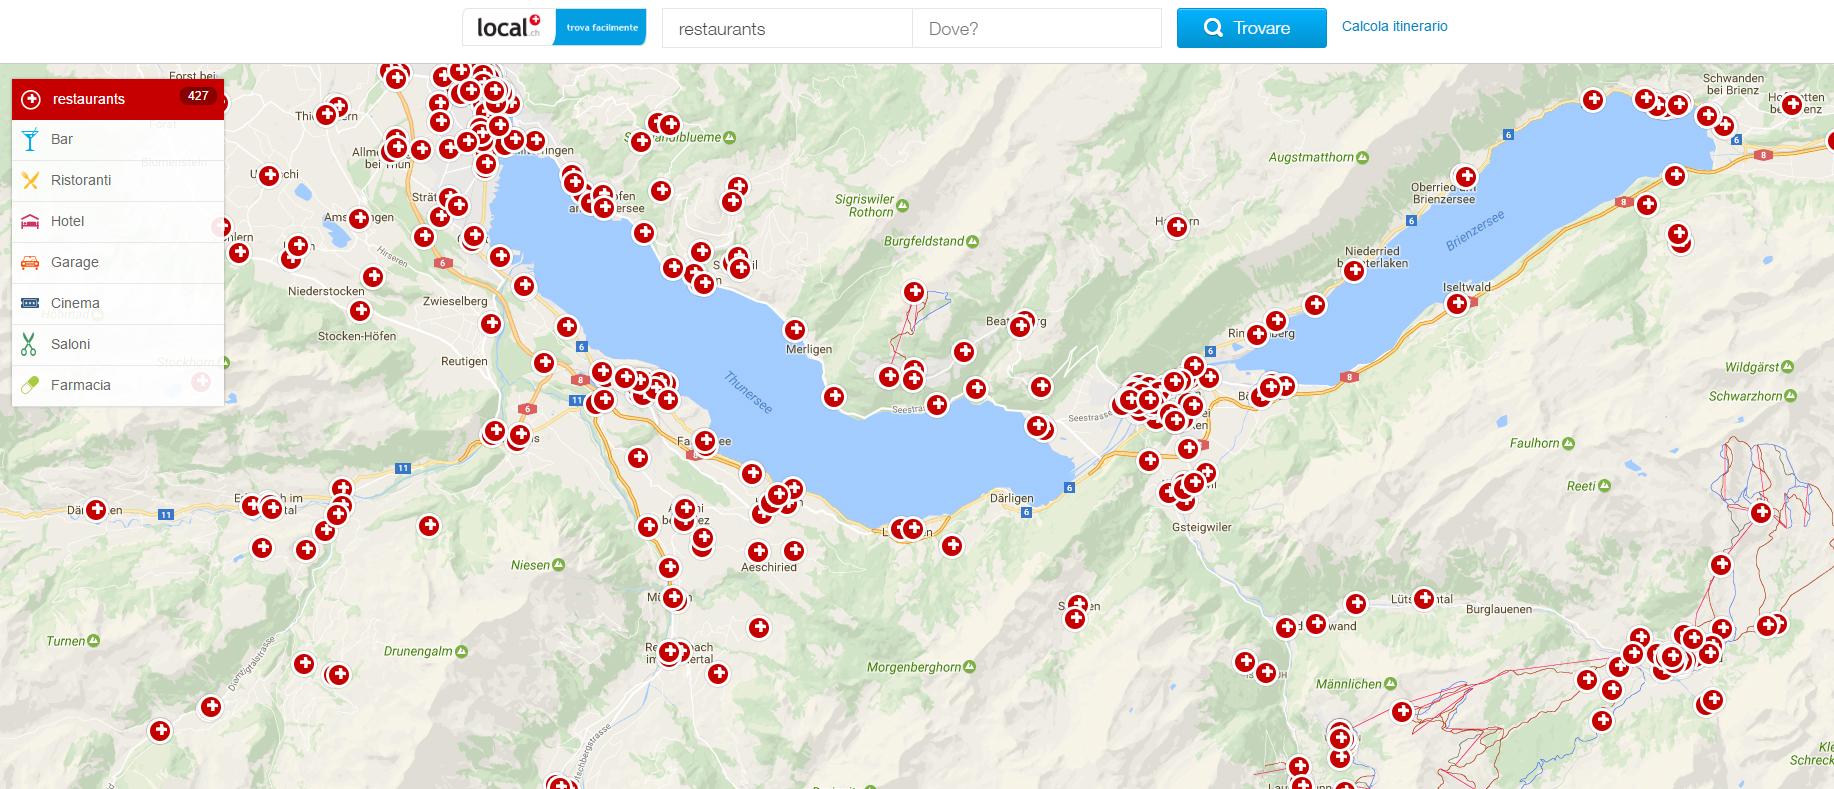 mappa-svizzera.jpg